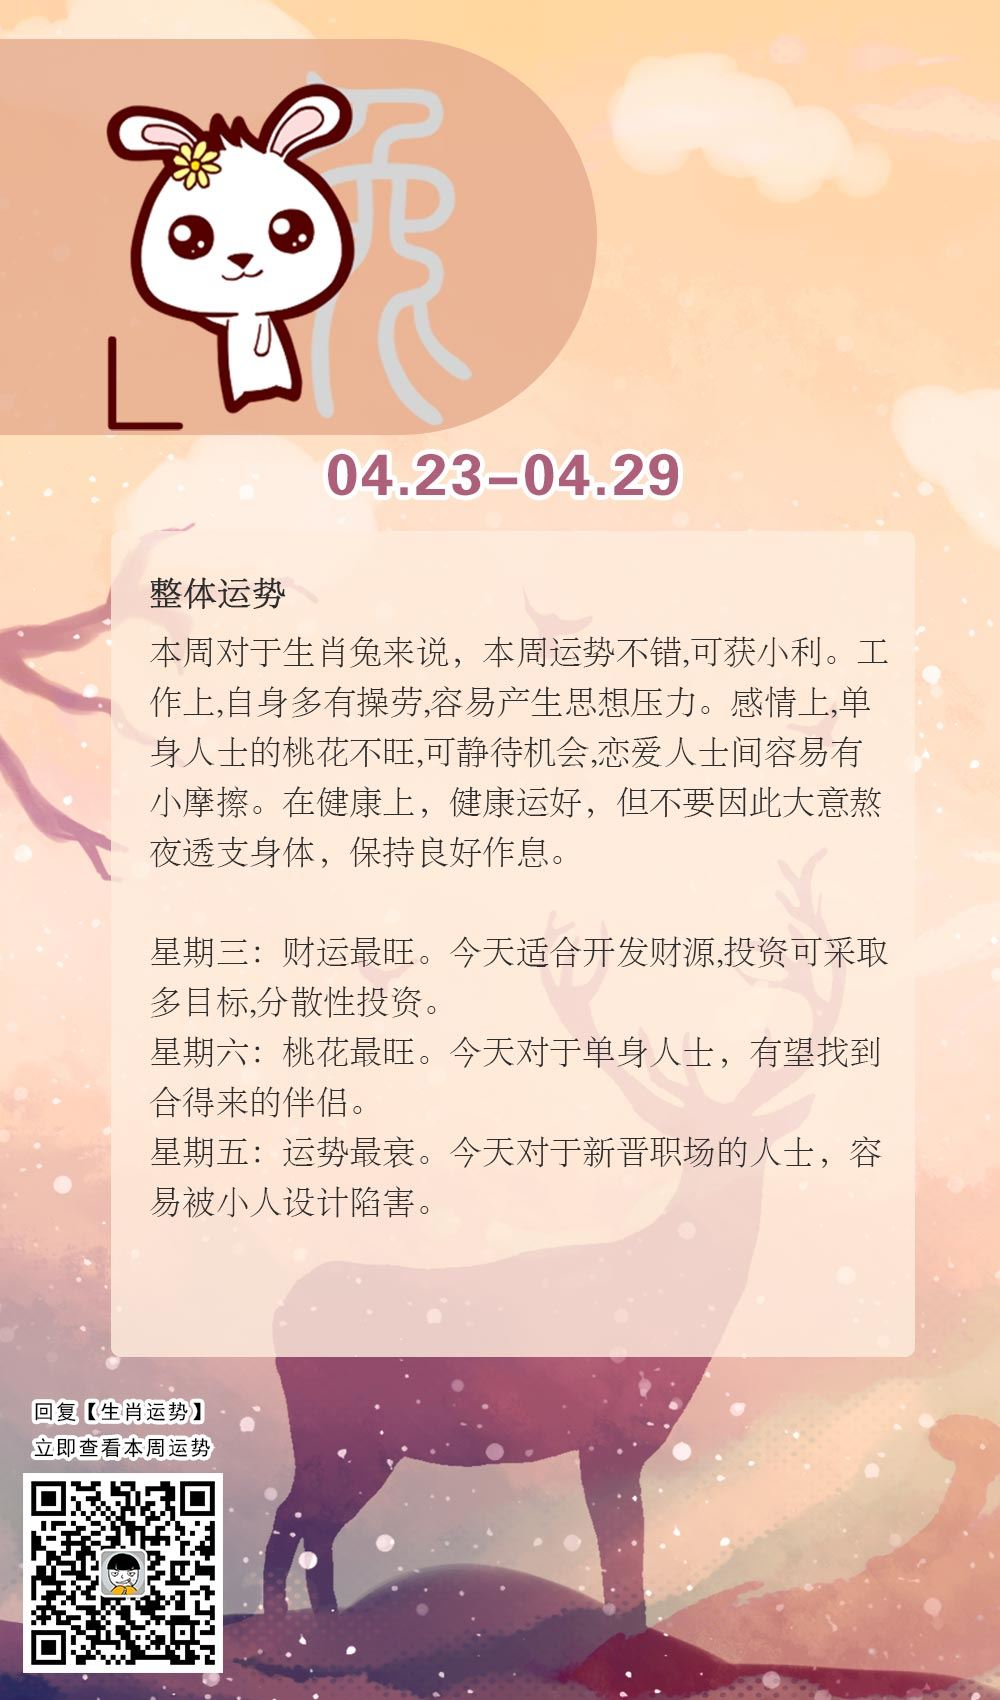 生肖兔本周运势【2018.04.23-04.29】